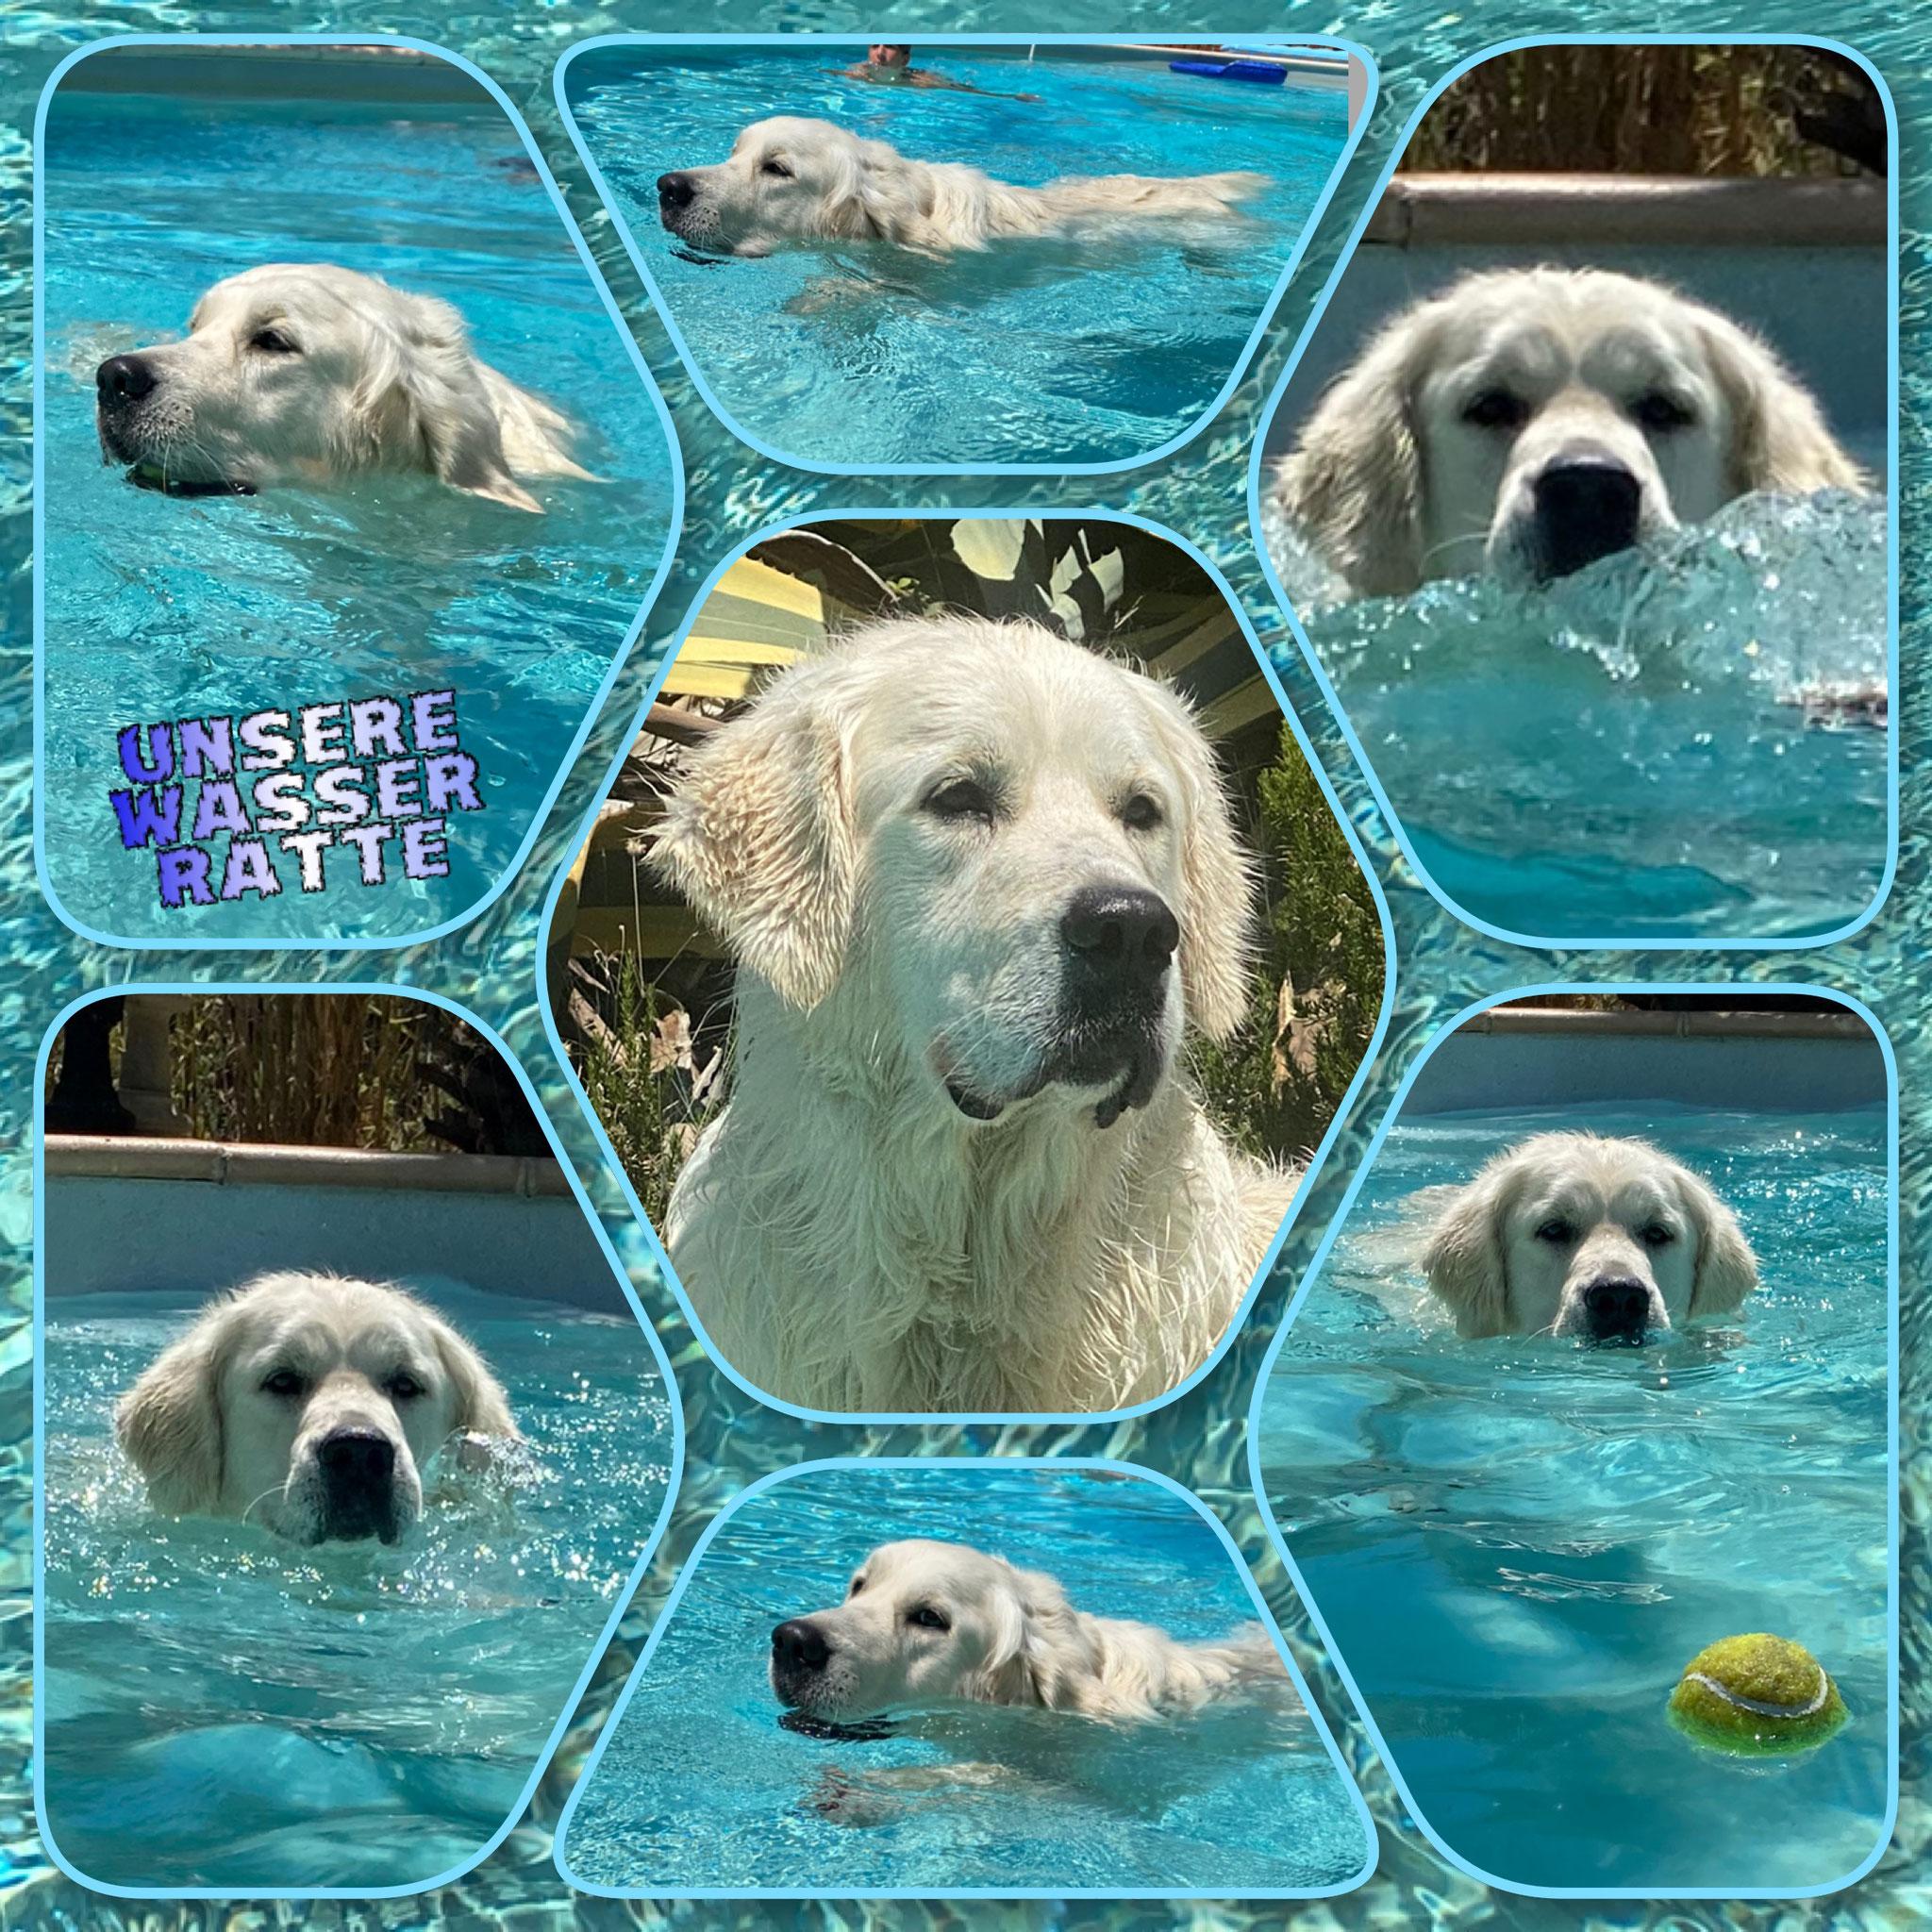 Ich durfte sogar in den Swimmingpool der Menschen :-)